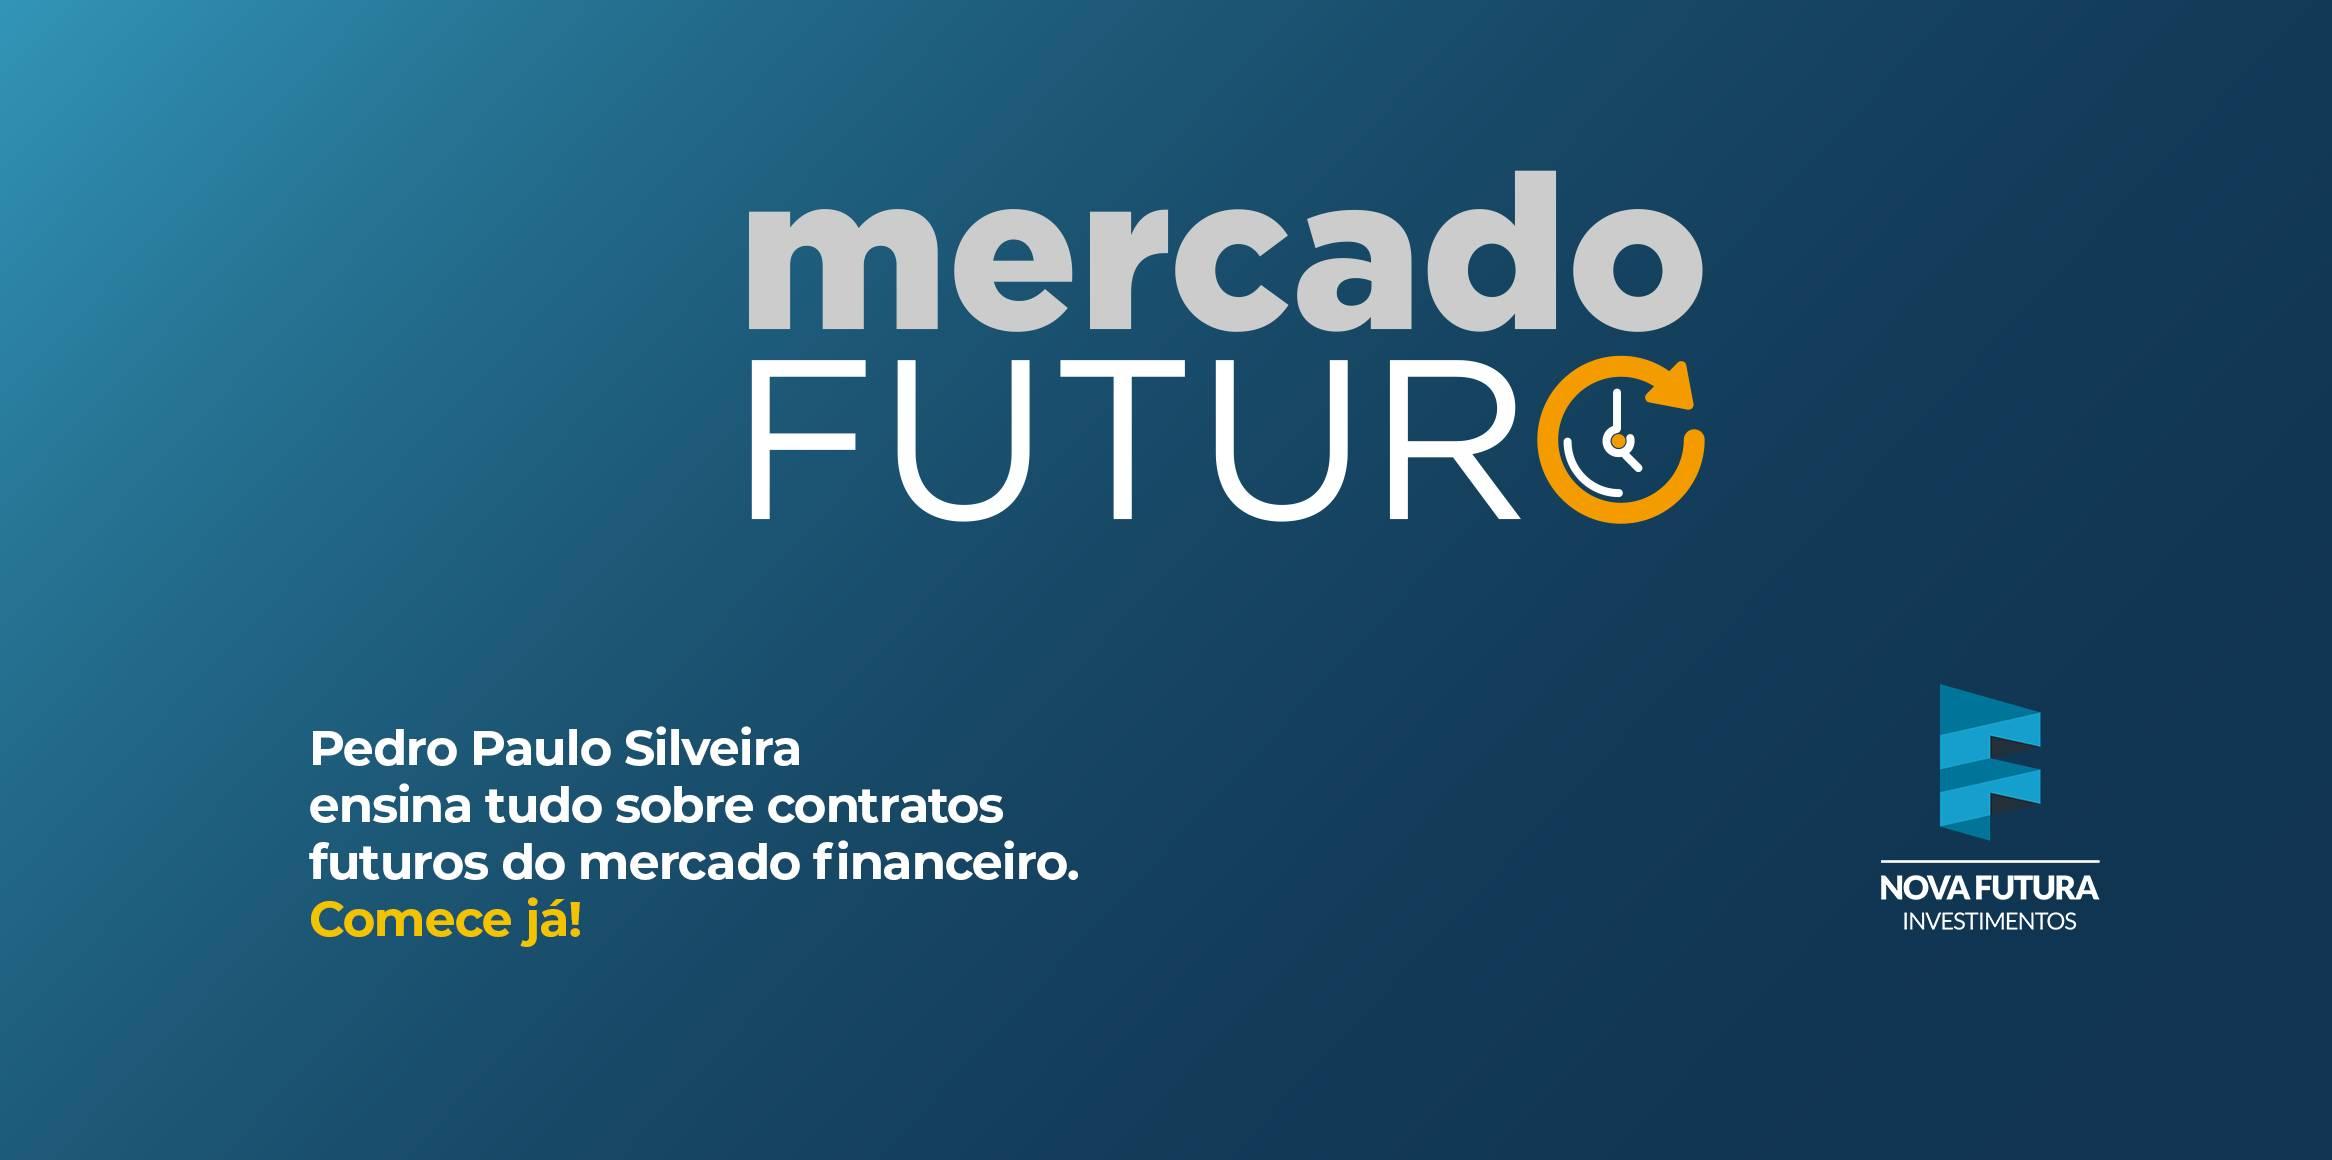 Mercado futuro bg